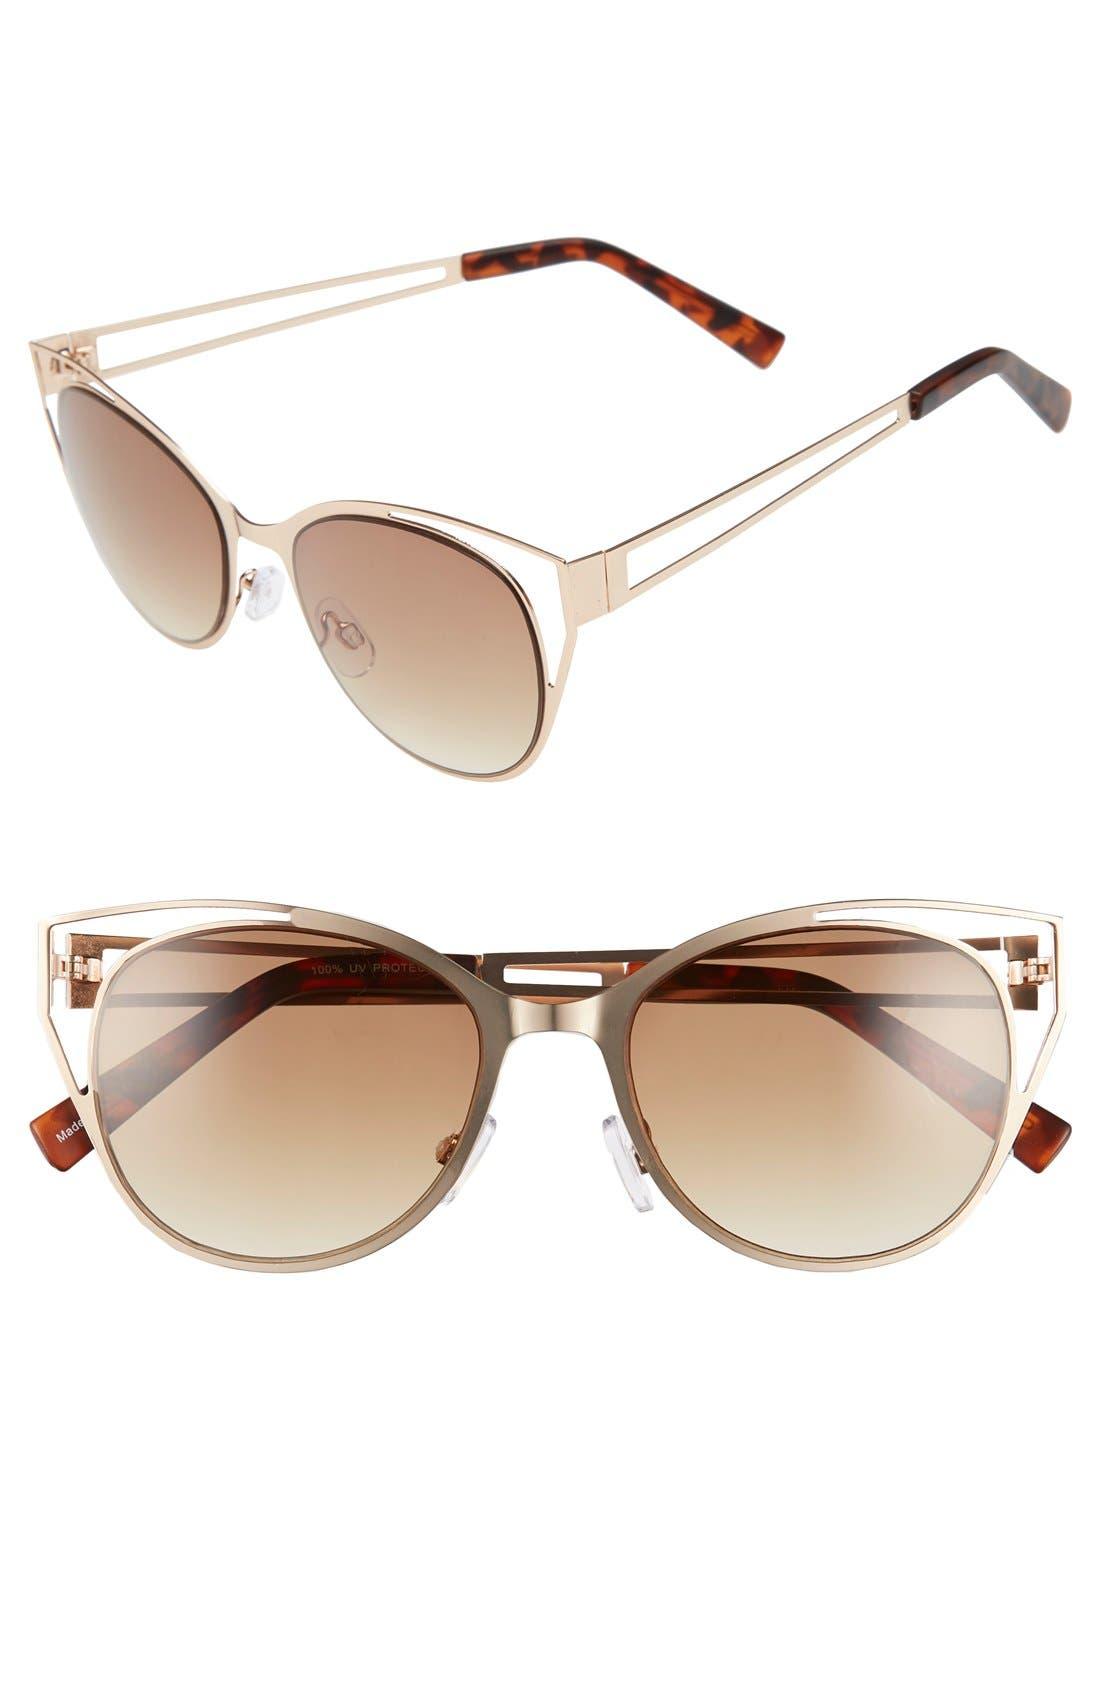 Main Image - BP. 54mm Cutout Cat Eye Metal Sunglasses